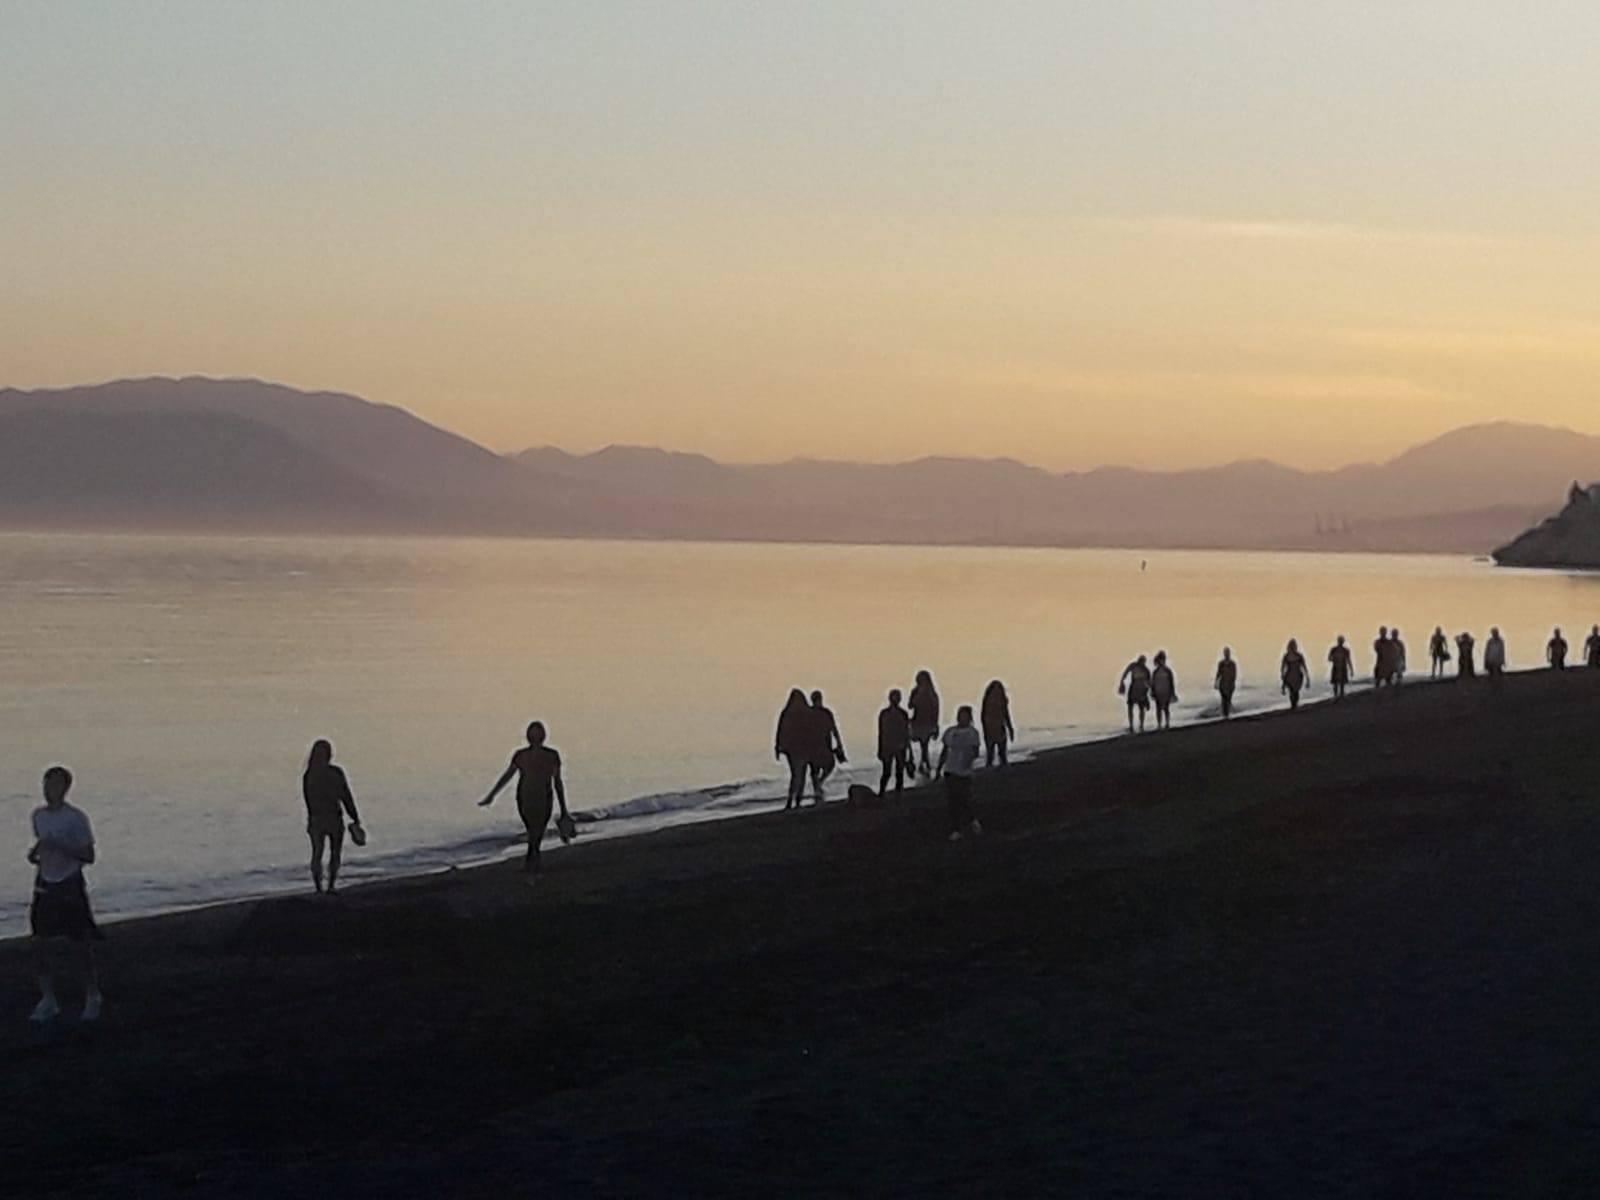 Muchas personas disfrutando de un paseo al amanecer en el primer día des desconfinamientoen Máaga